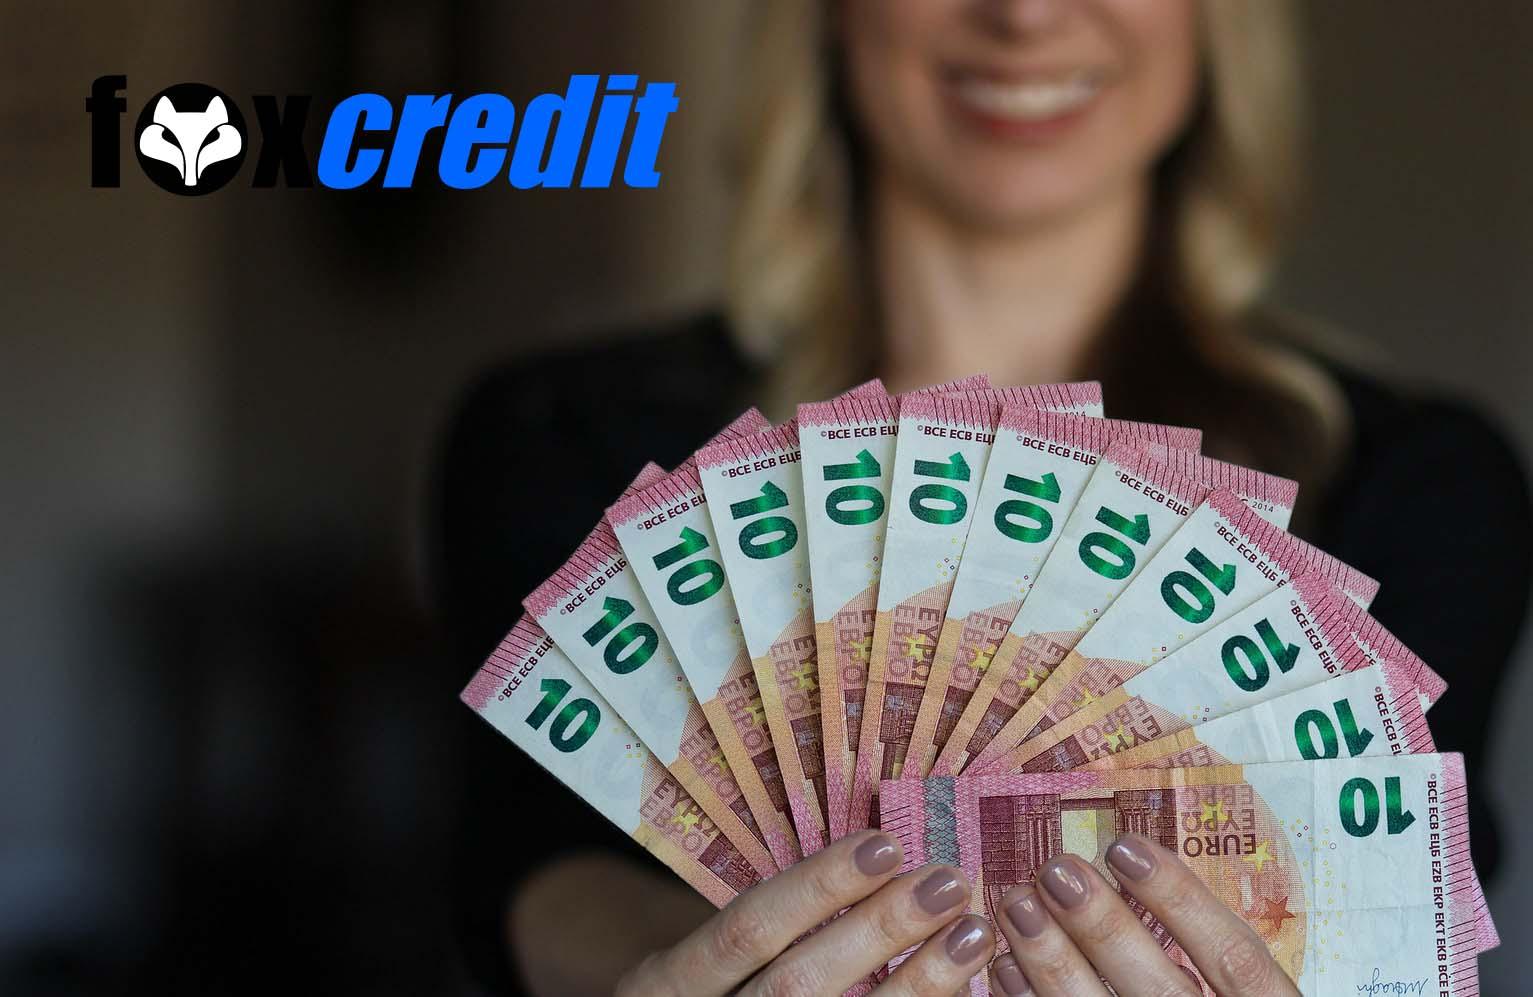 Commerzbank, Wells Fargo, Wells-Fargo, Wells, Fargo, Fuchs. Gold, Sparen, Milliardär, China, Leitzins, Bellevue, Cembra, Geldschwemme, Zinsobergrenze, Foxcredit, Kleinkredit, Online Kredit, Onlinekredit, Finanzierung, Kredit, loan, Leasing, Zinssatz, Hypothek, Bank, Bankkonto, Brexit, Bitcoin, Auslandschweizern, Finanzjongleure, Eurozone, Euro, Franken, Krypto, Bankenchefs, Dollar, Auto Kredit, Ferien Kredit, Wein Kredit, Immo Kredit, Raten Kredit, Medi Kredit, Privat Kredit, Klein Kredit, Sofort Kredit, Umschuldungs Kredit, Raten Kredit, Bon Kredit, Bon-Kredit, Lend, Budget, Reichtum, Milliarden, Facebook, Pfandleihhaus,